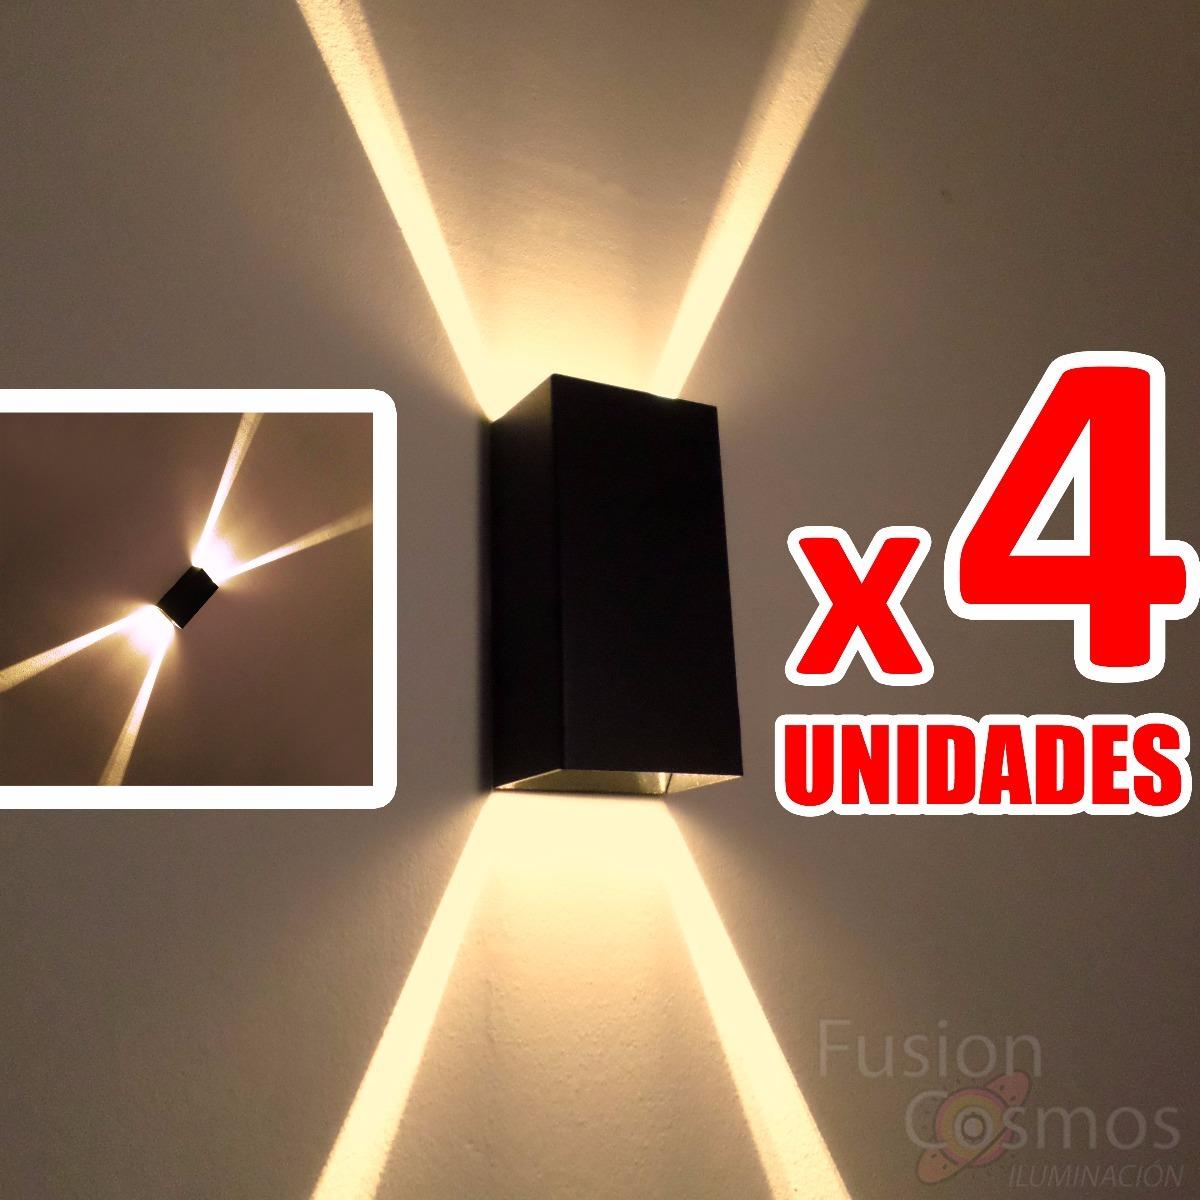 4 Luces Pared Navidea Luz Navidad Efecto Estrella Rayos X 1336